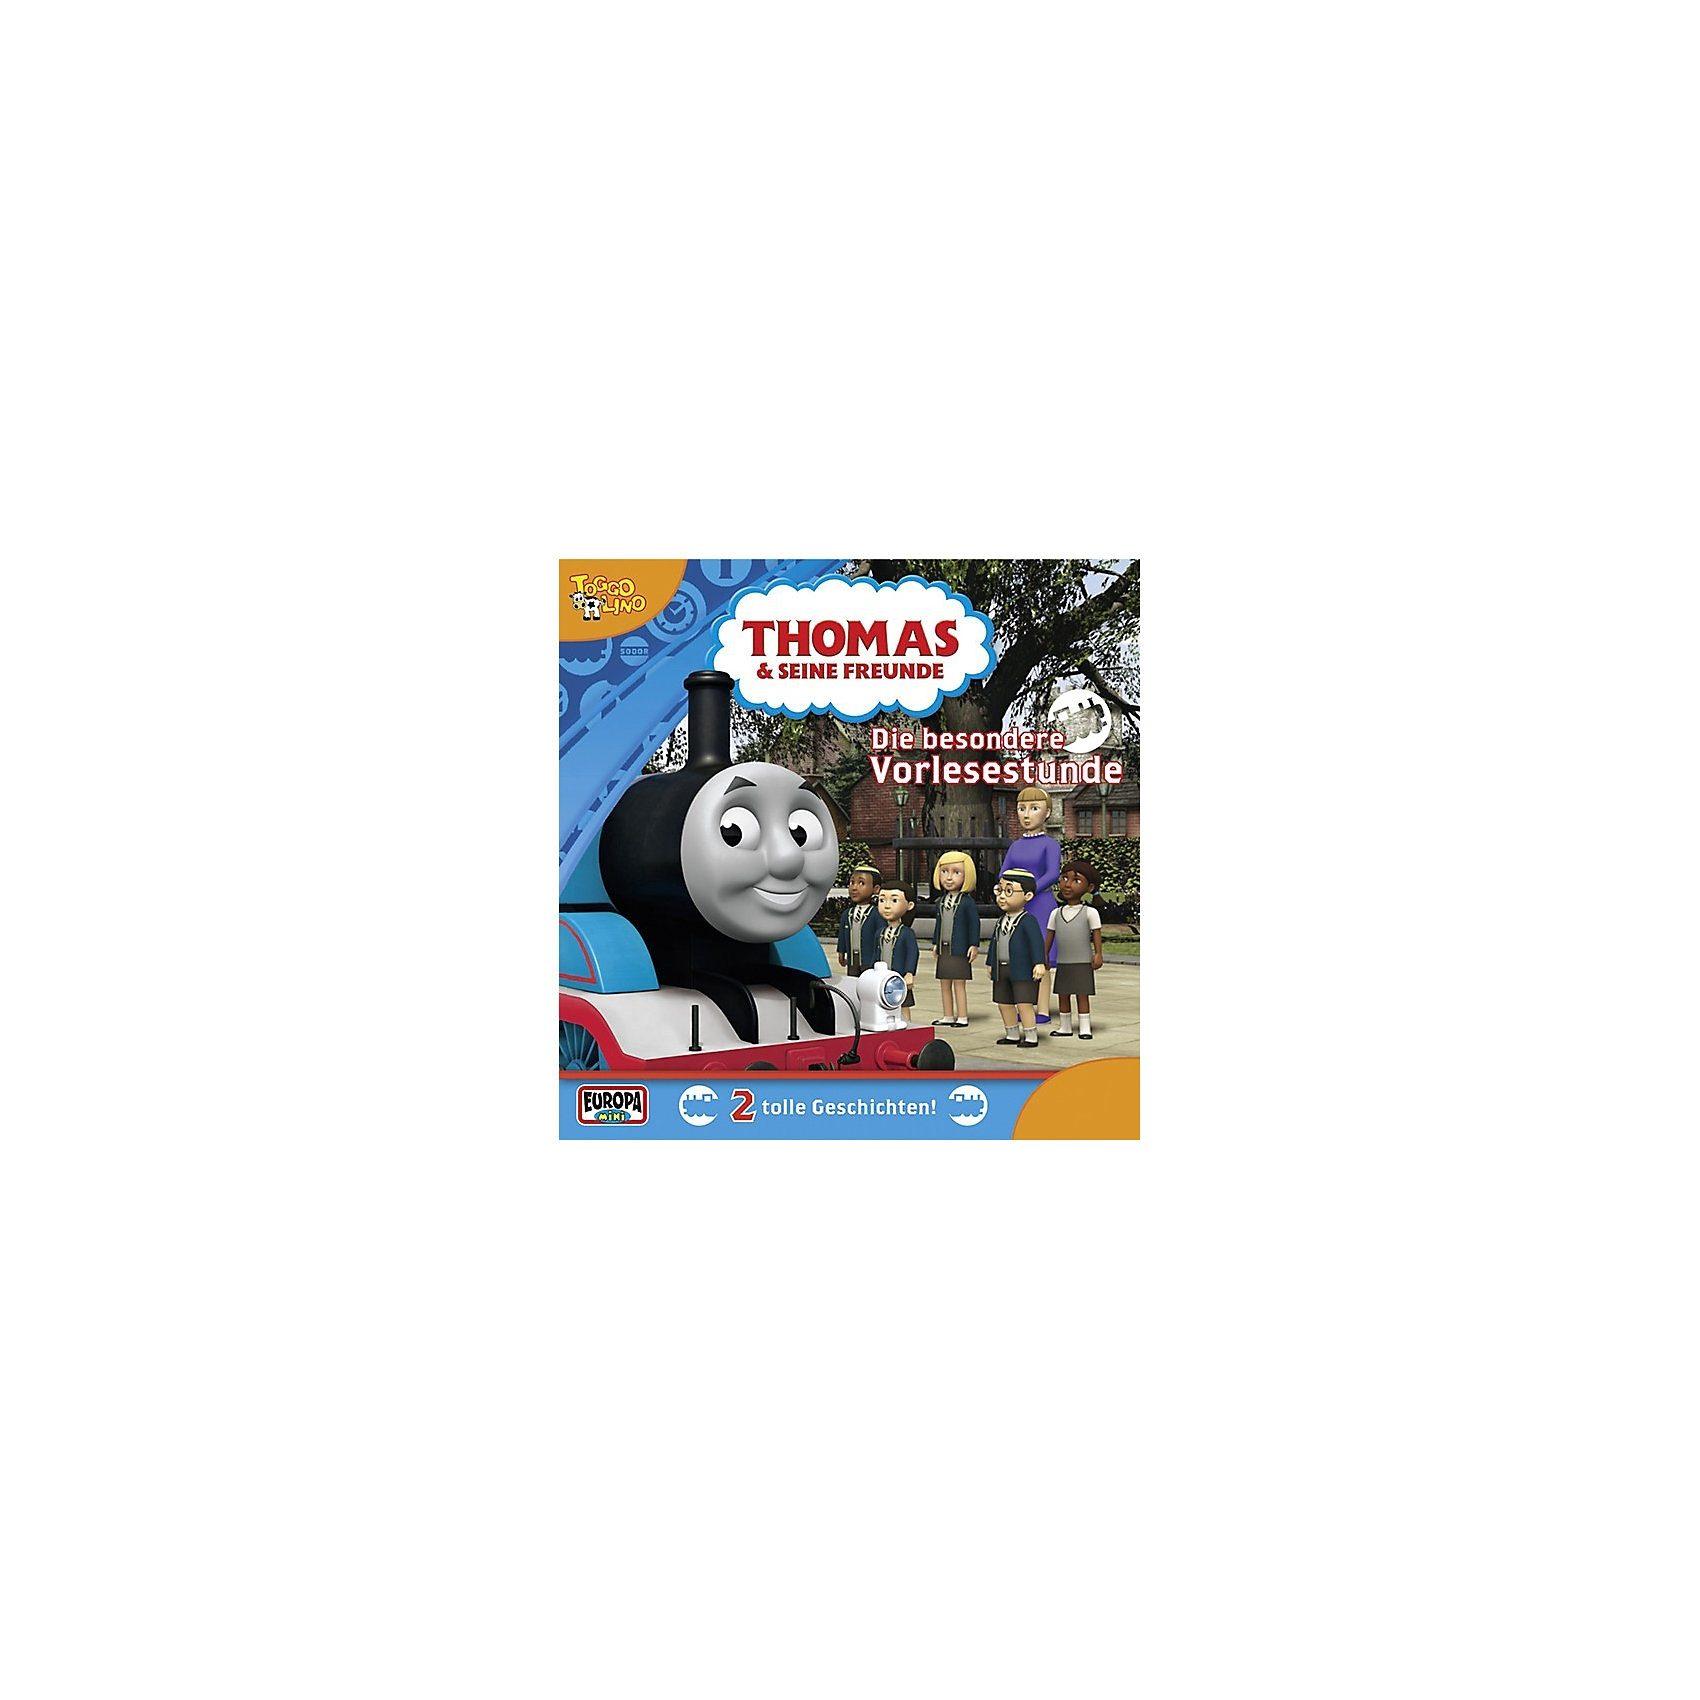 Sony CD Thomas & seine Freunde 17 - Die besondere Vorlesestunde